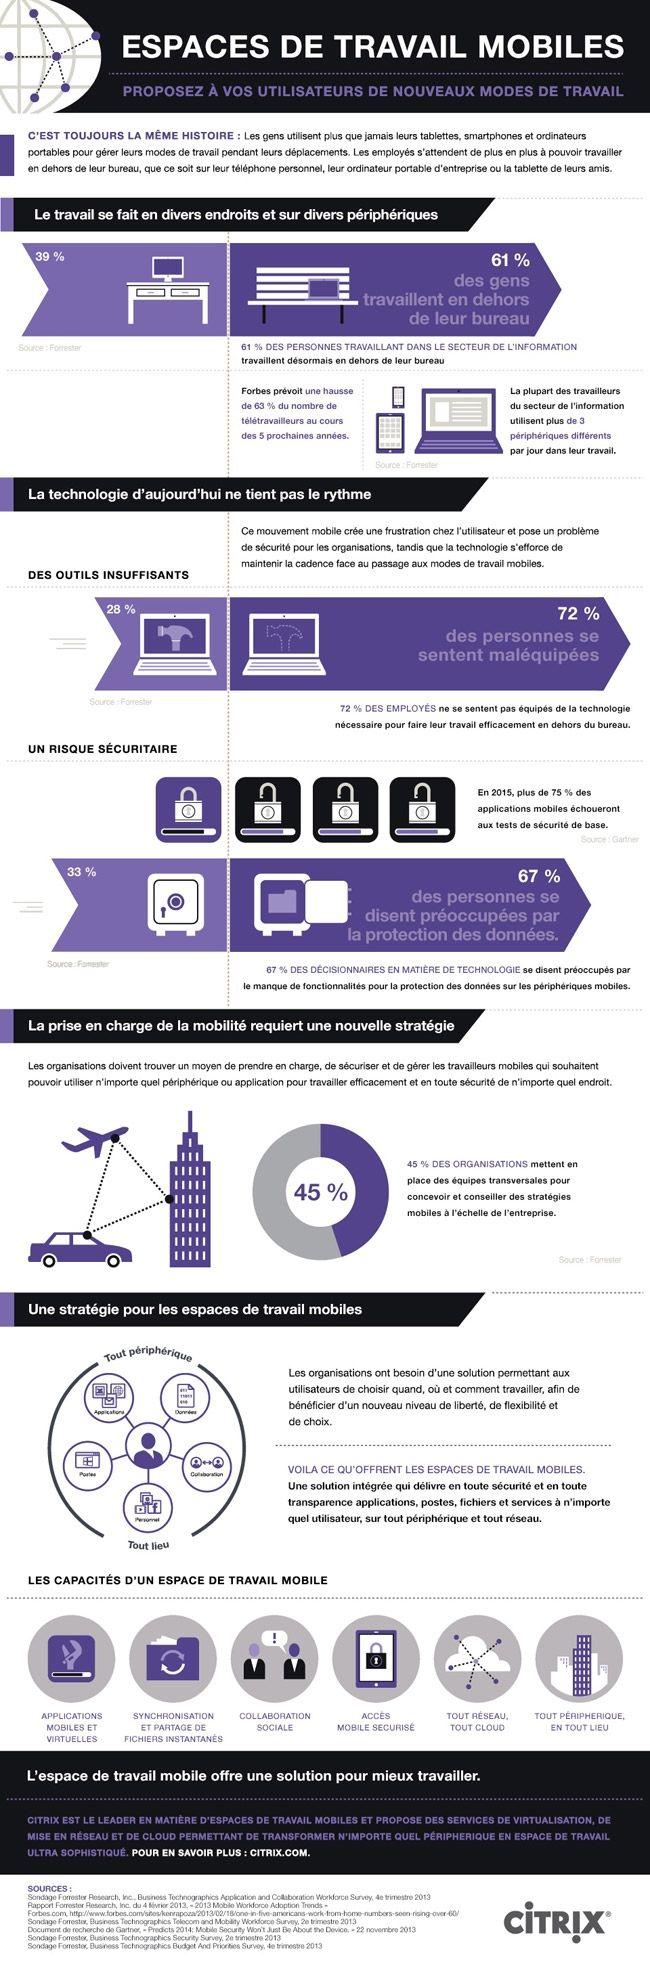 Les espaces de travail doivent s 39 adapter la mobilit for Espace de travail